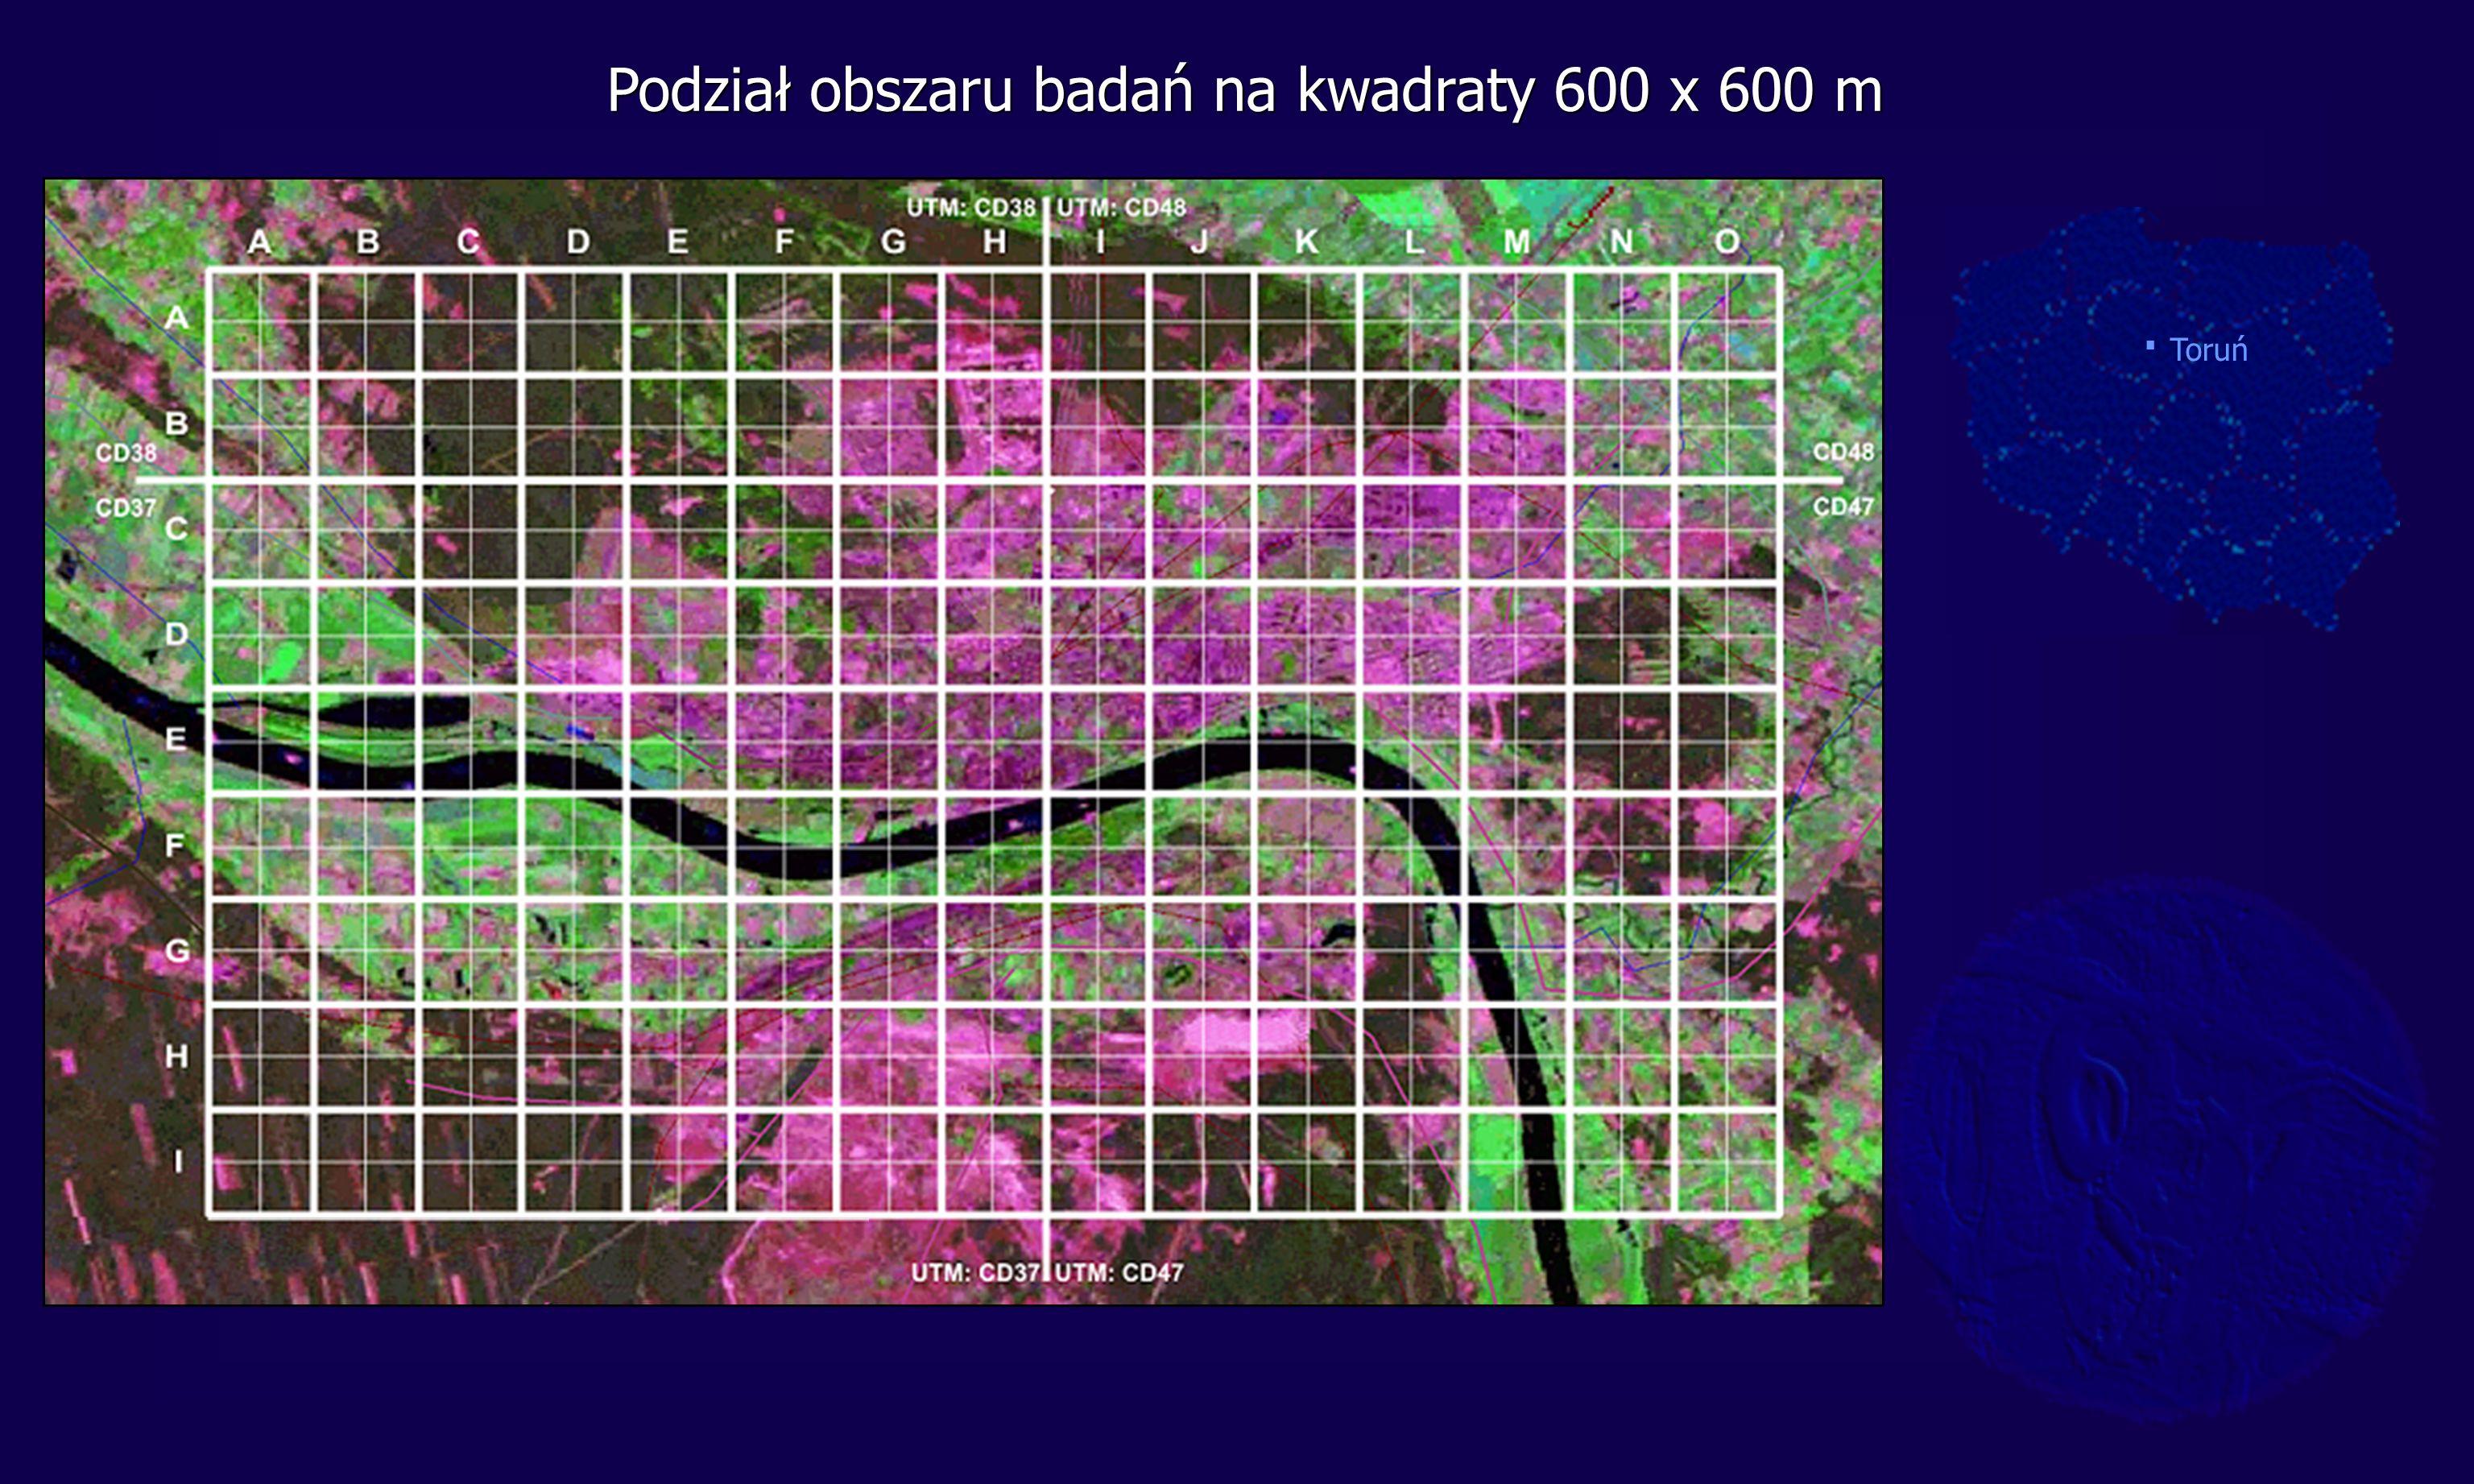 Podział obszaru badań na kwadraty 600 x 600 m. Toruń